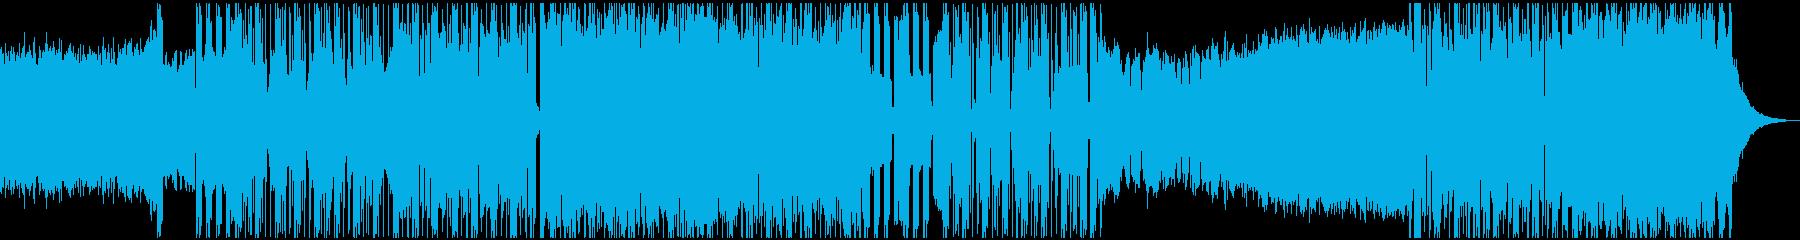 ポップ テクノ ブレイクビーツ ア...の再生済みの波形